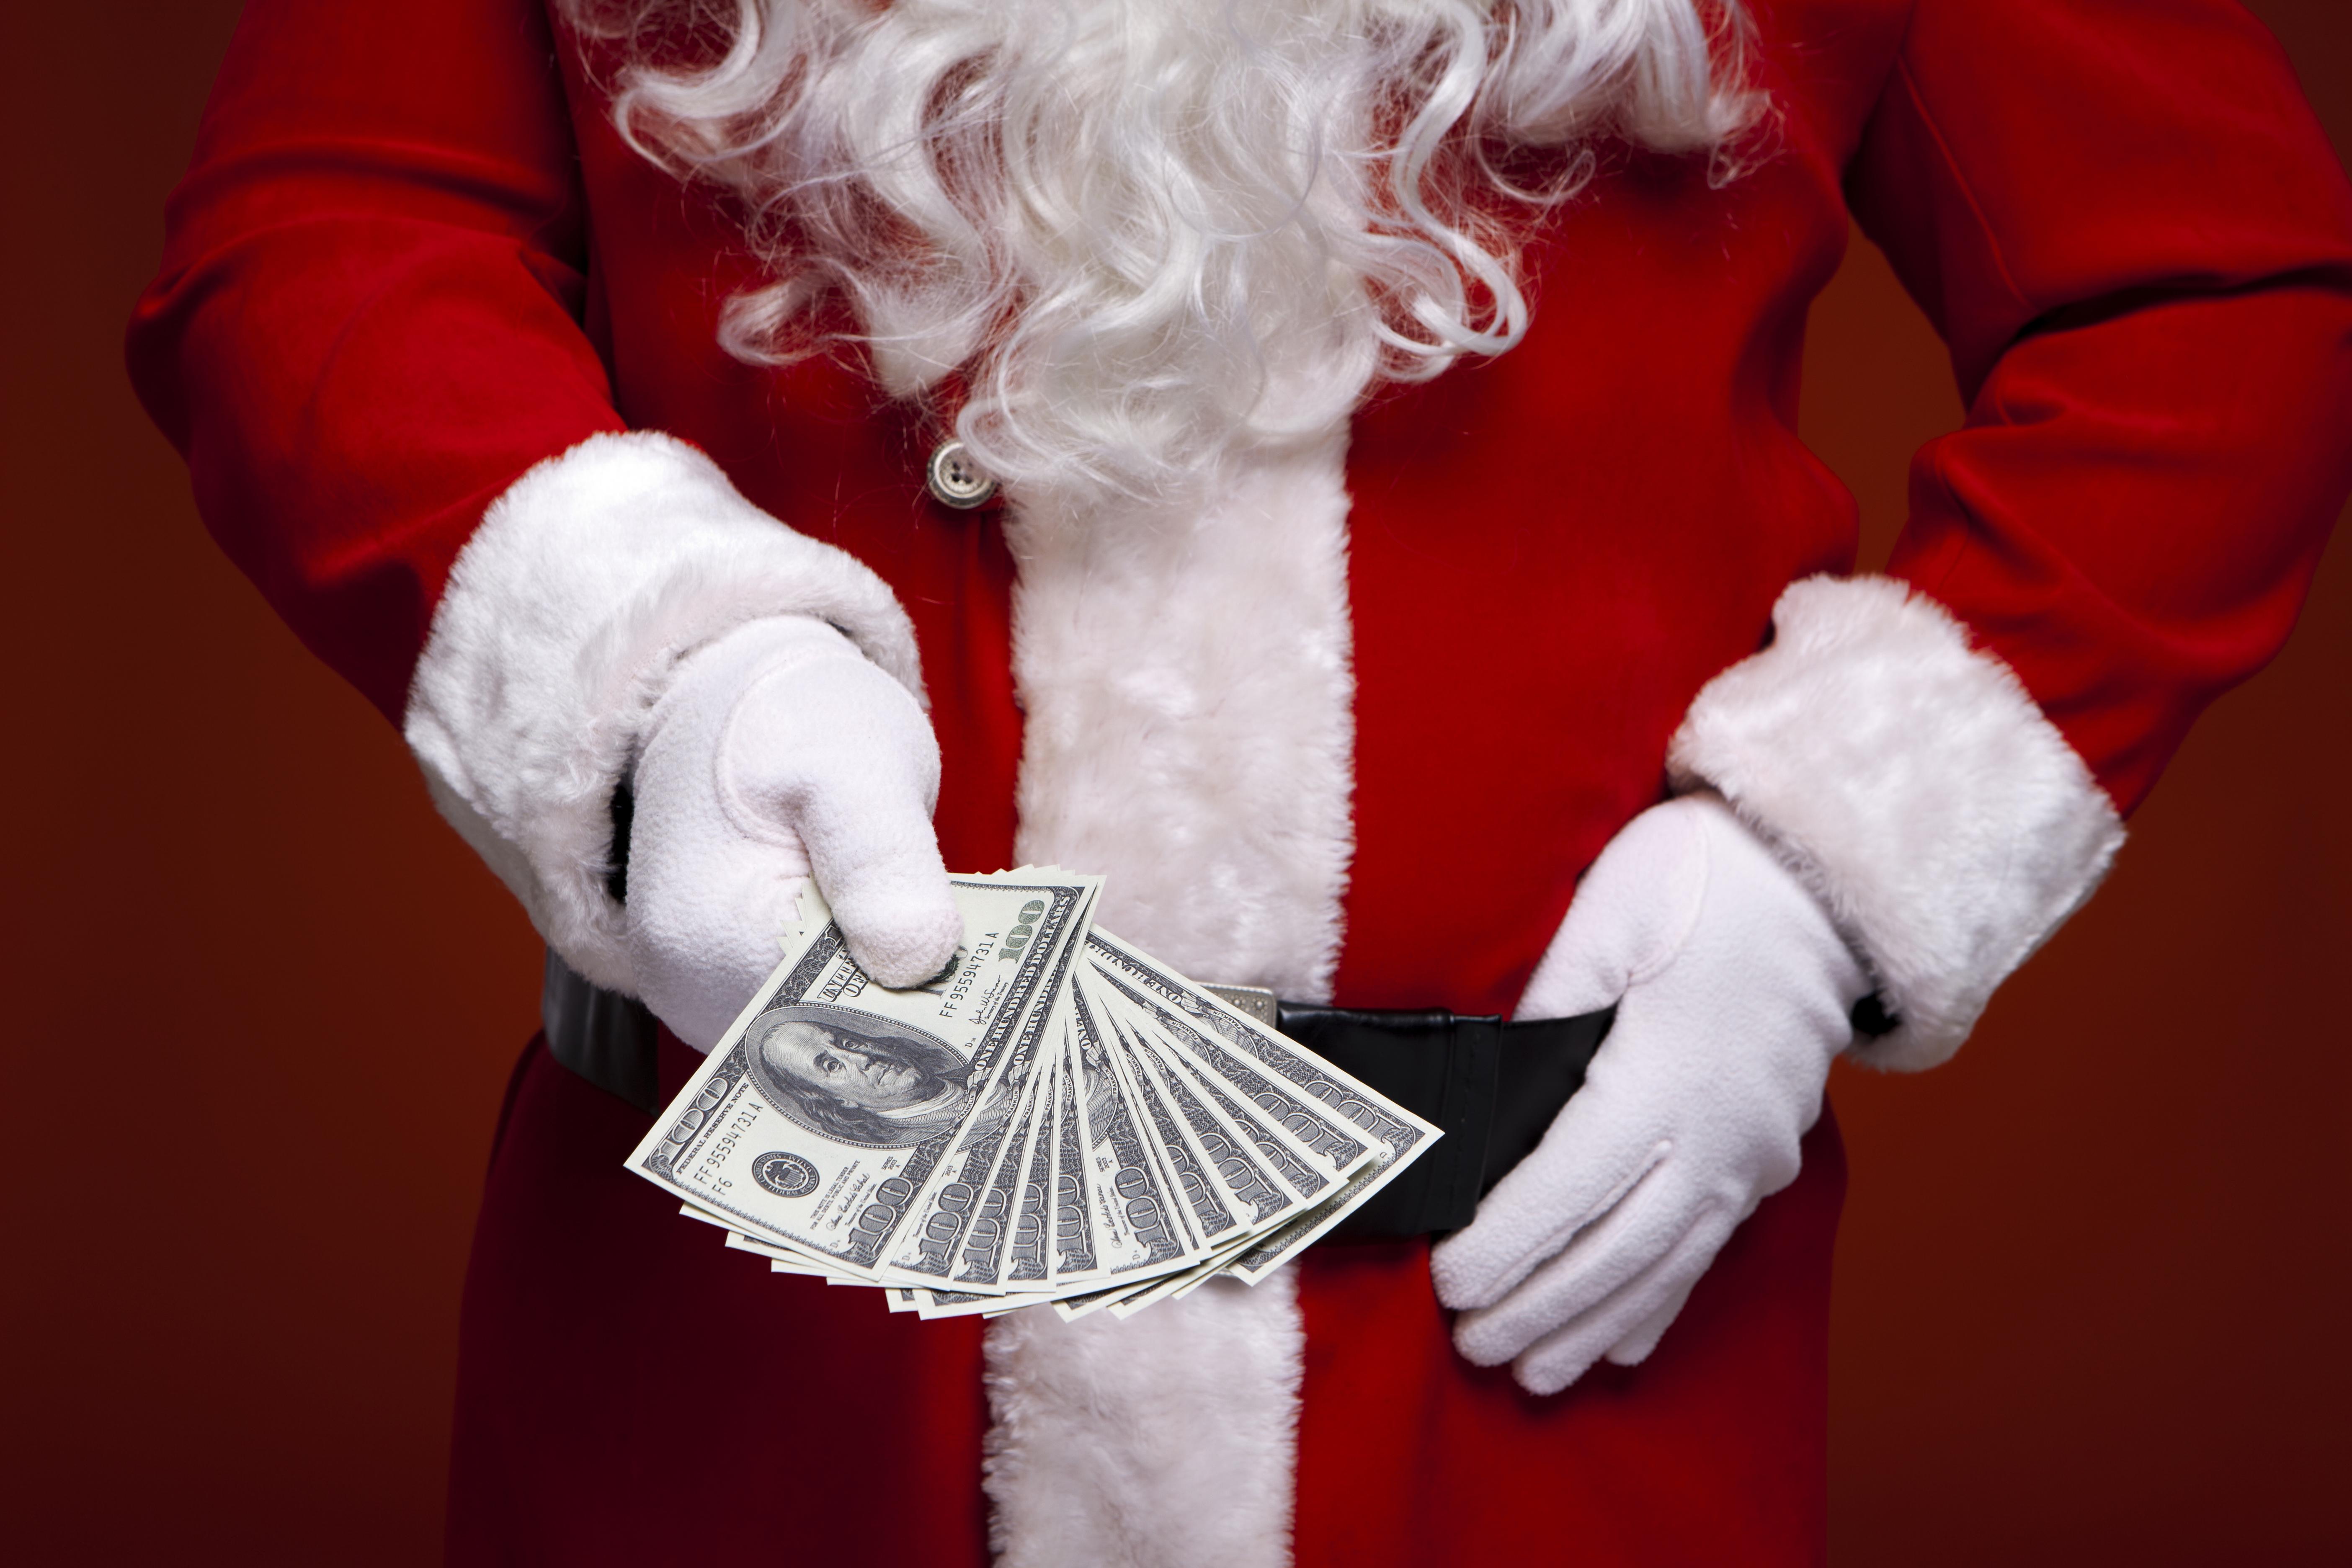 ПРАЗНИЧНО ДОБРО ДЕЛО: Анонимни лица платиле половина милион долари туѓи сметки